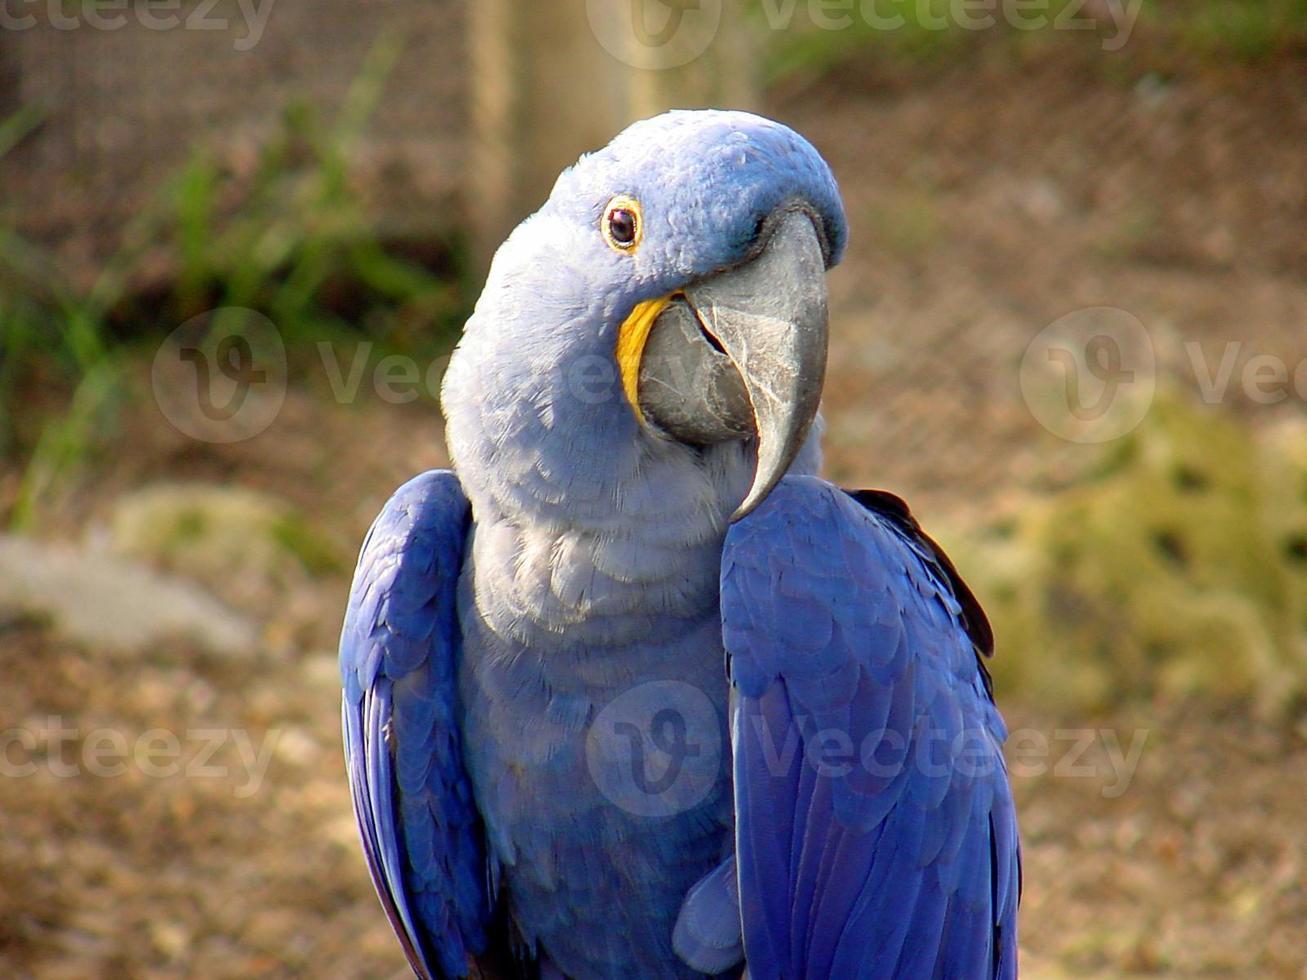 papagaio azul @ zoo do condado de sedgwick foto